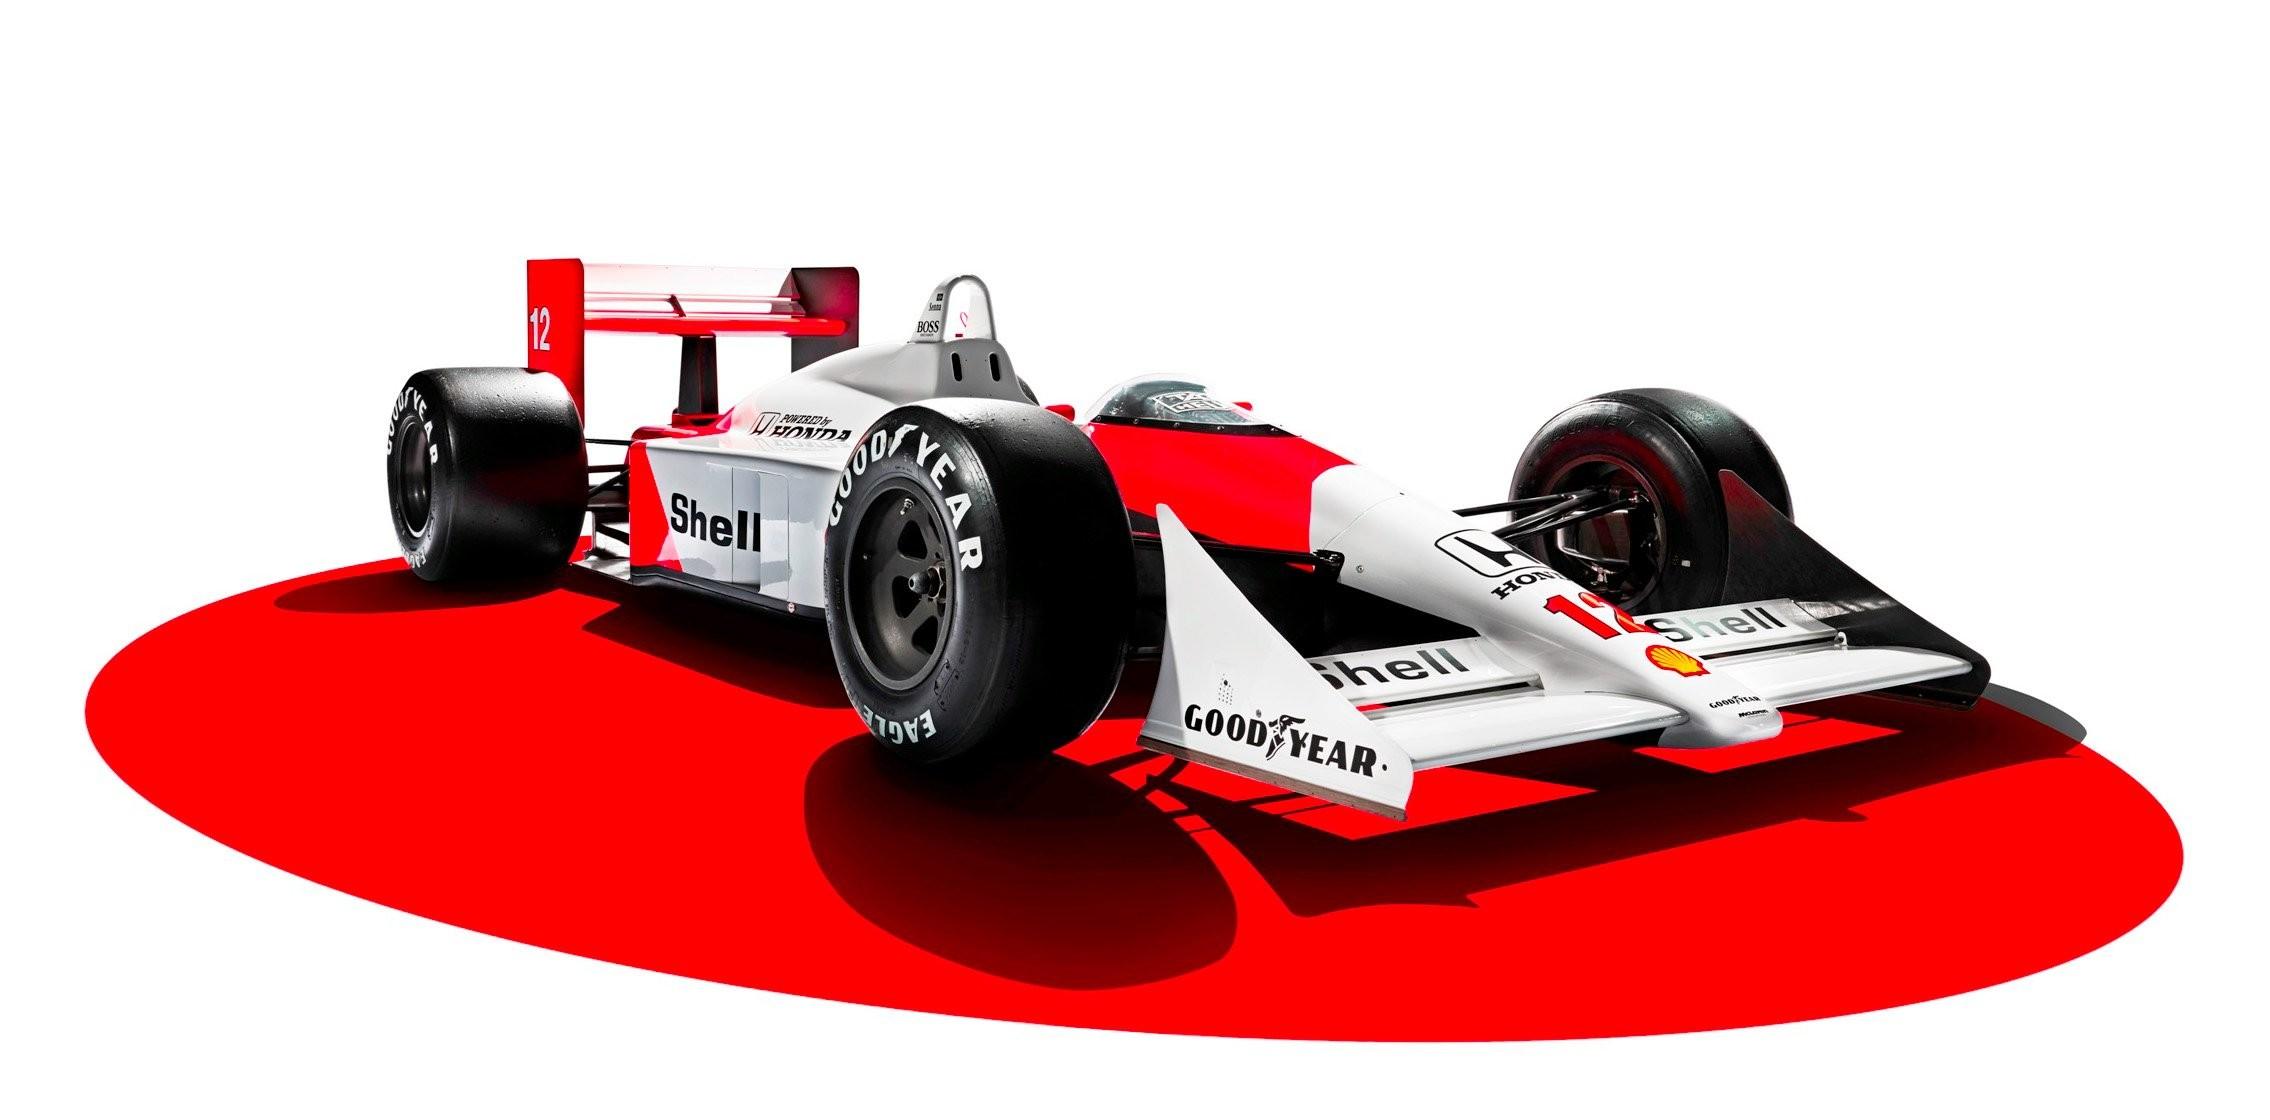 デスクトップ壁紙 図 デジタルアート レースカー 3d 白色の背景